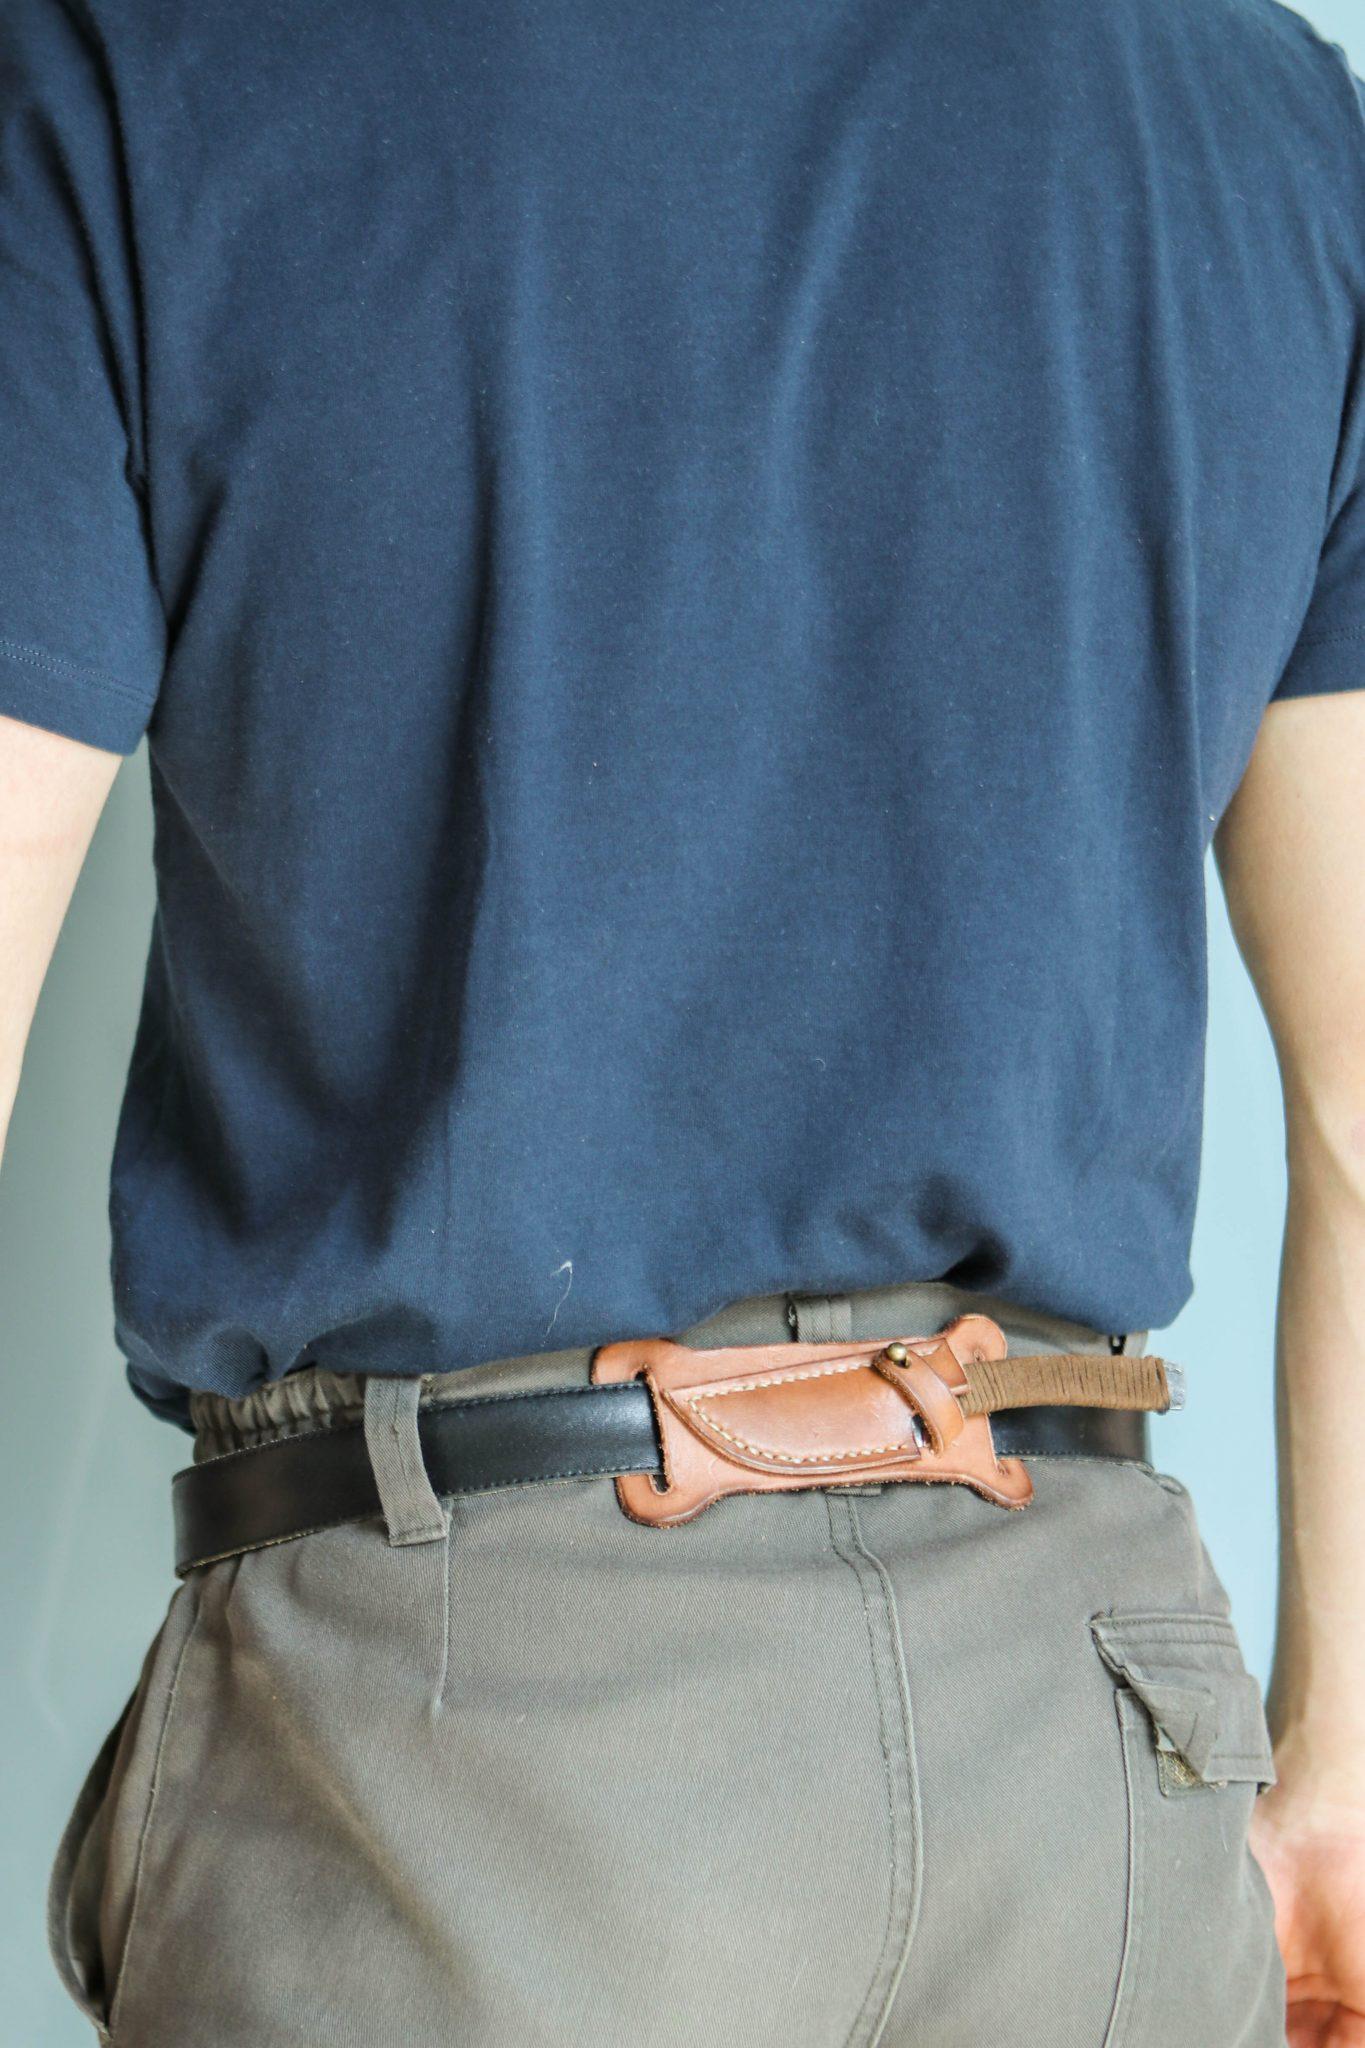 Lander Verschueren mes messen zelfgemaakt handgemaakt wapen smeden smid leer leren leder hoes schede rug-mes